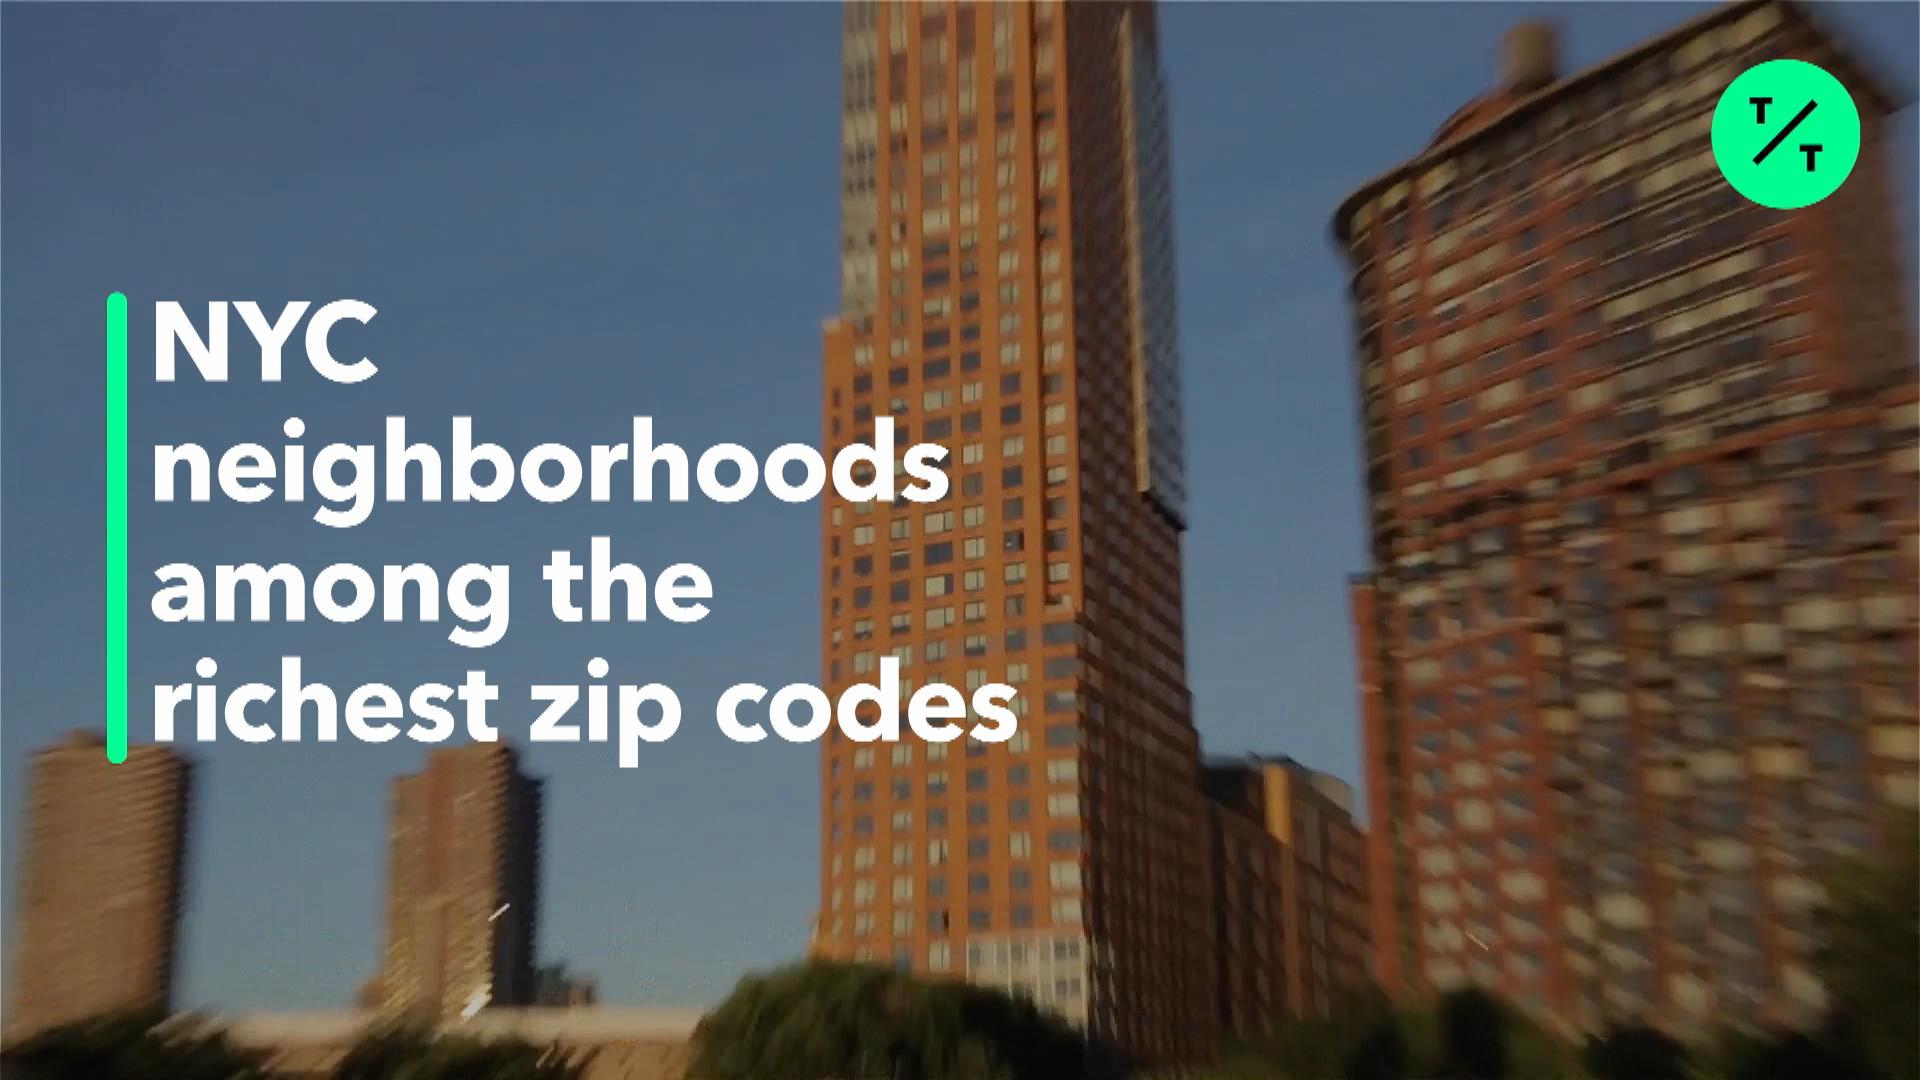 NYC's Trendy Neighborhood Leaps Into Top Five Richest Zip